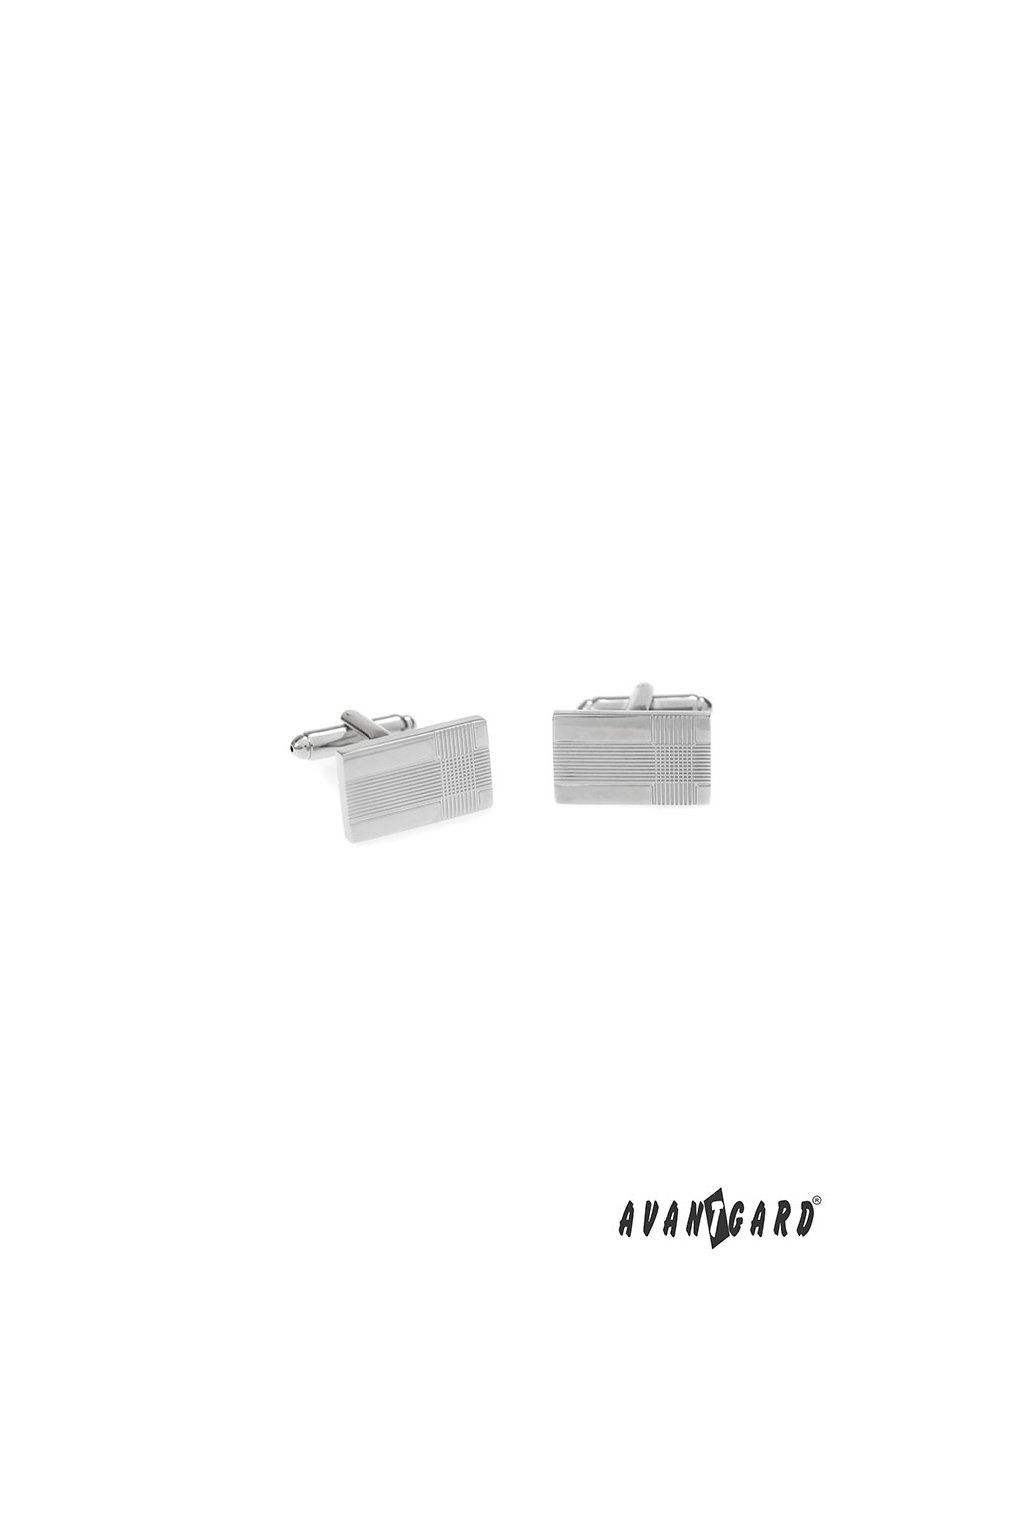 Manžetové knoflíčky PREMIUM stříbrná lesk 573 - 20709